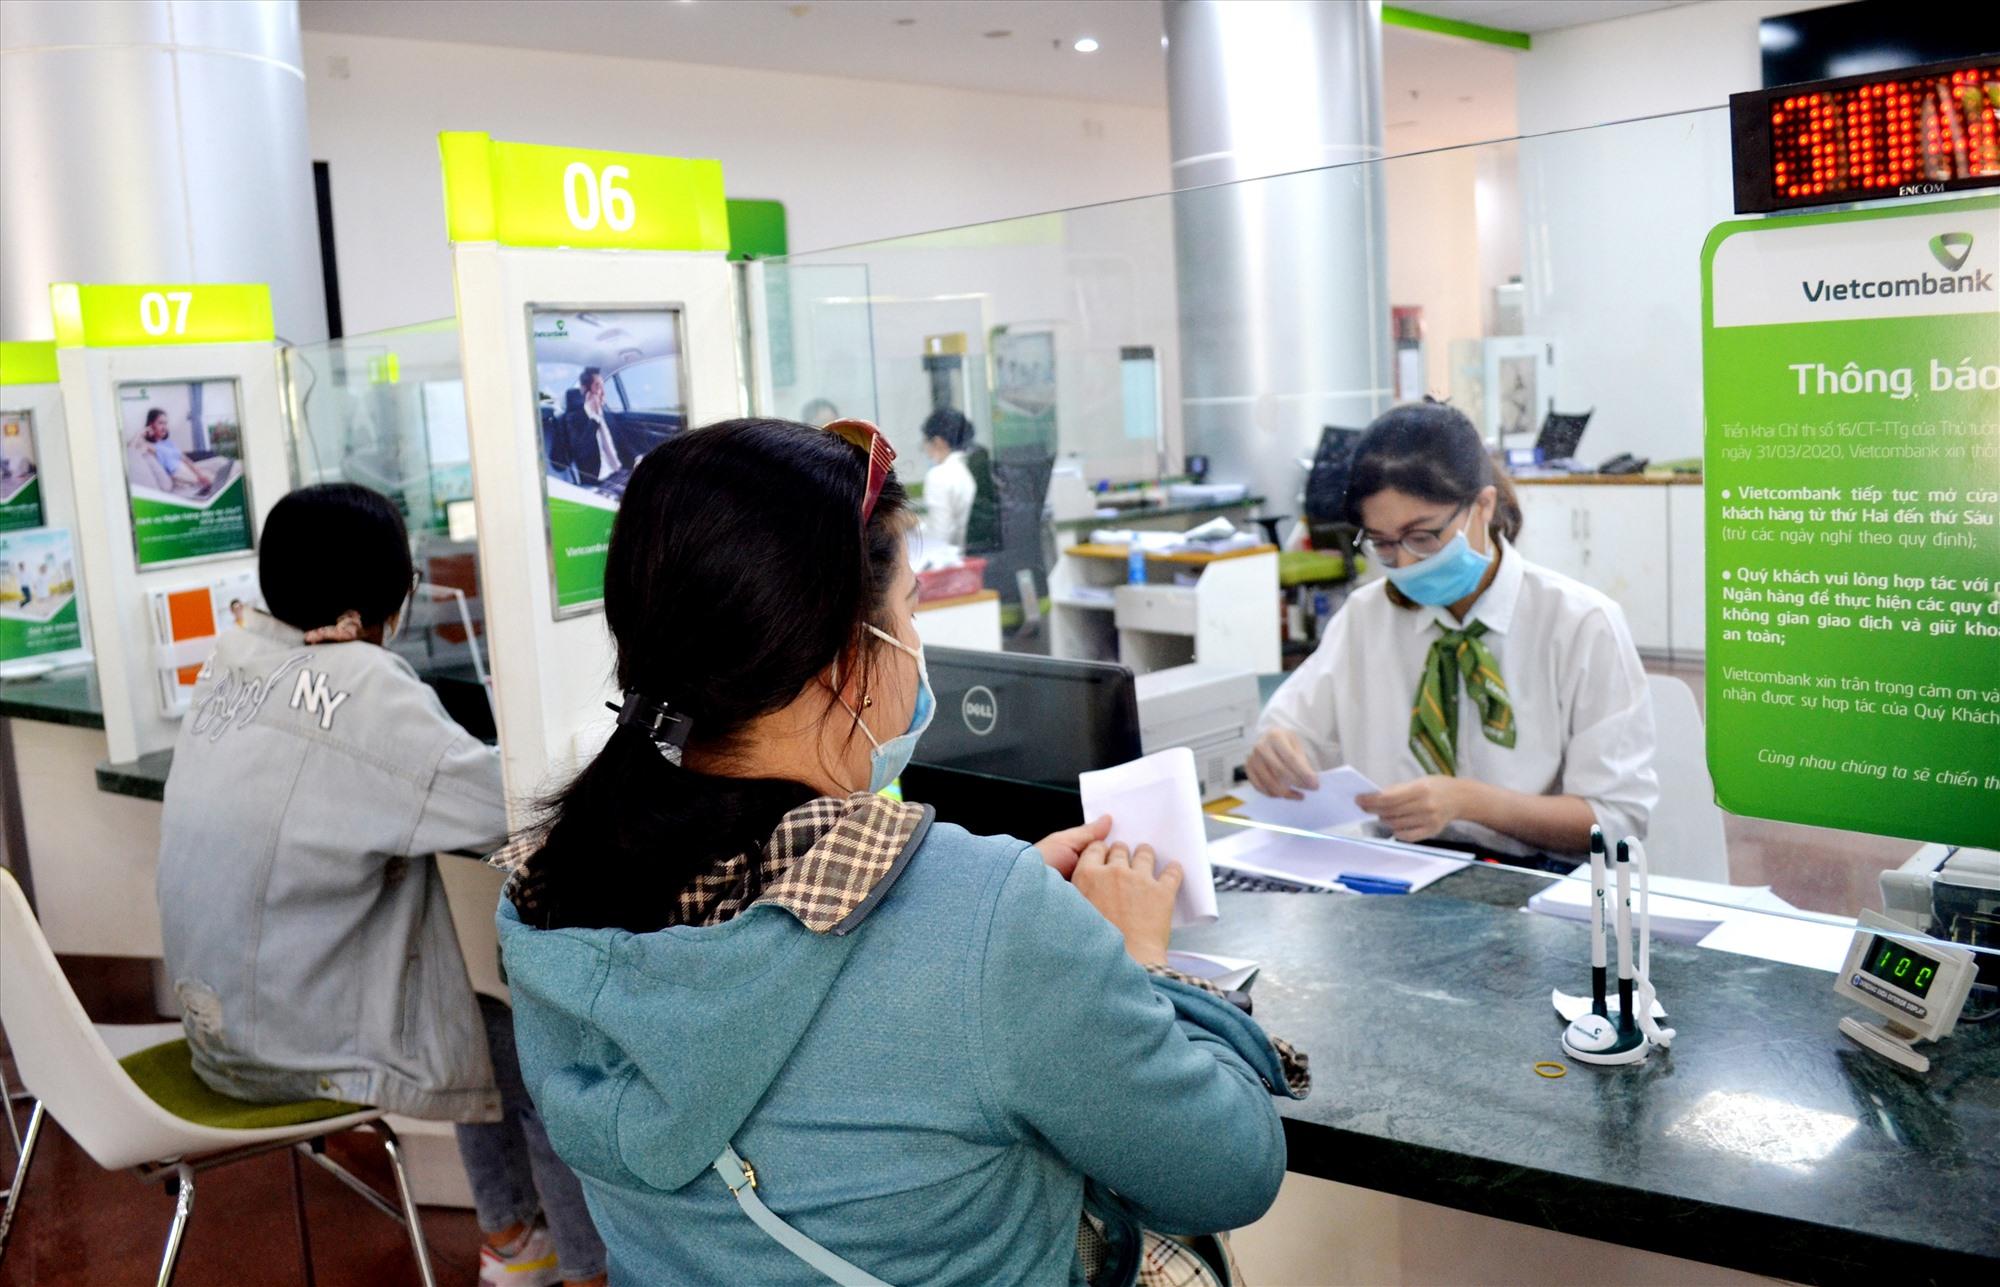 Vietcombank chi nhánh Quảng Nam hỗ trợ doanh nghiệp, người dân vay vốn với lãi suất khá thấp. Ảnh: VIỆT NGUYỄN